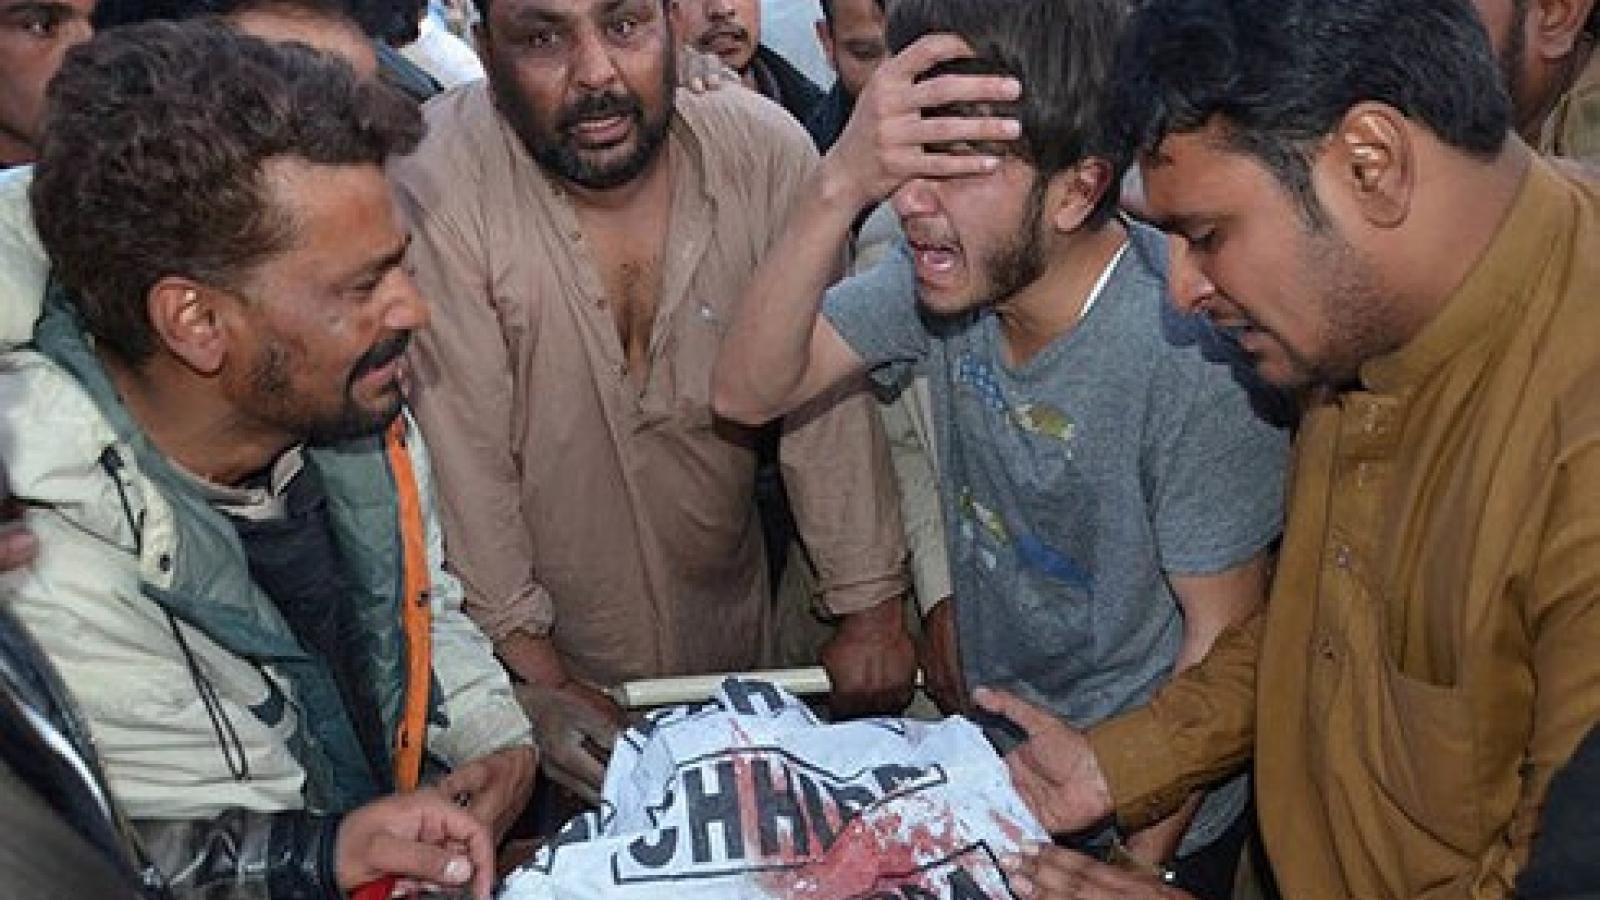 Tấn cônggia đình thẩm phán tòa án chống khủng bố tạiPakistan, 4 người thiệt mạng